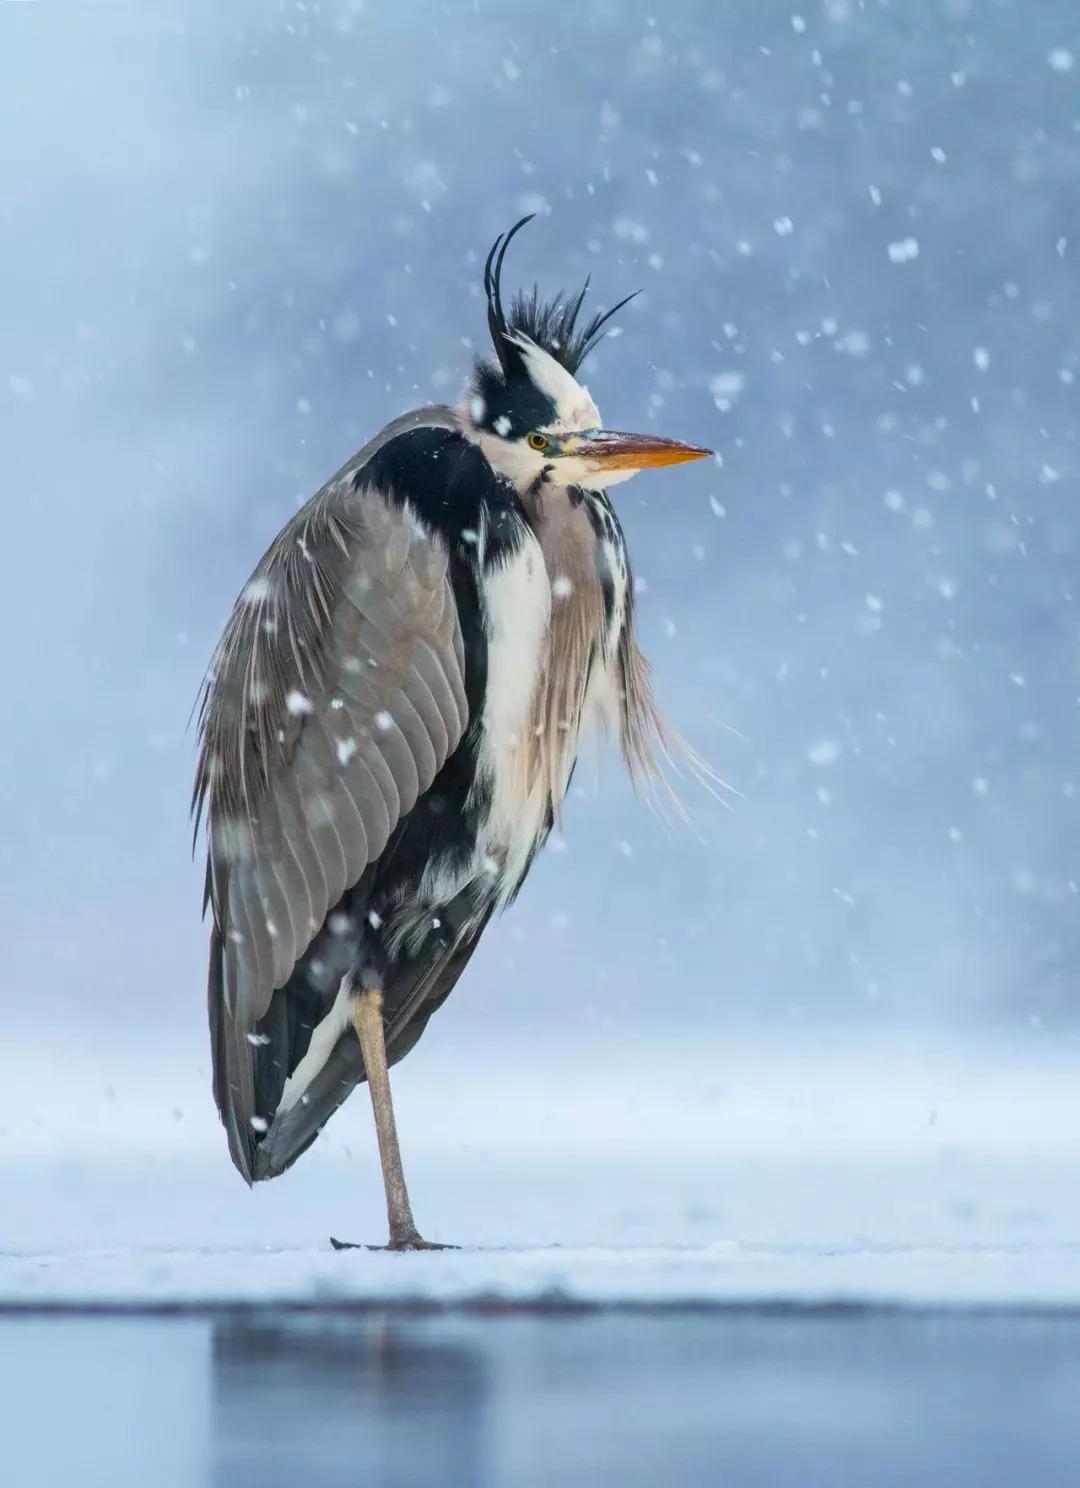 鸟类大全鸟名鸟图片